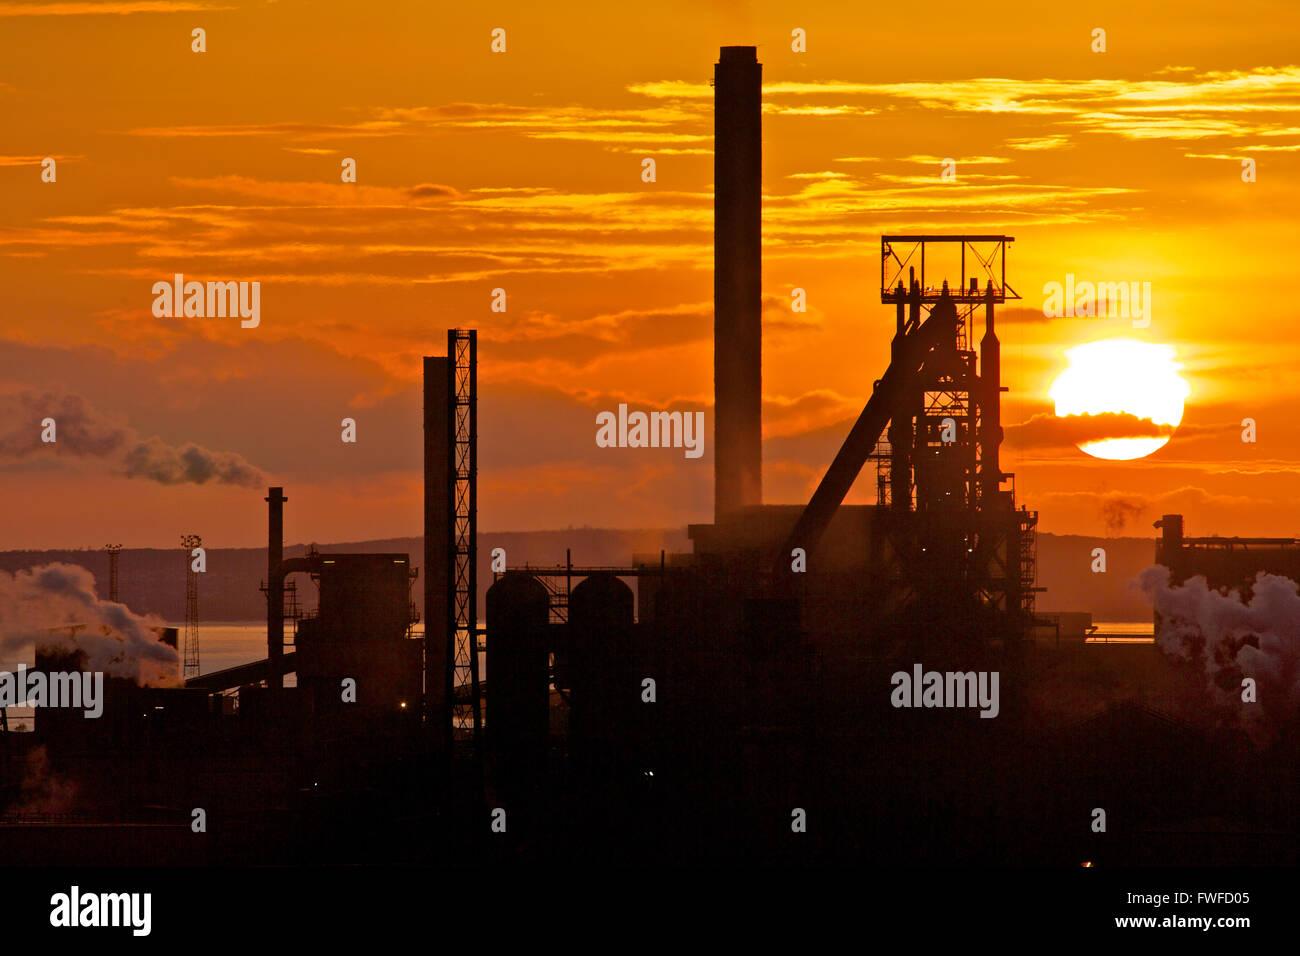 Tata Steel works, Port Talbot, Pays de Galles, Royaume-Uni. Le 4 avril 2016. Setts Sun sur Tata Steel works, Port Talbot, Pays de Galles, un jour que le gouvernement gallois a été convoqué pour discuter de la crise. Plus de 4 000 emplois sont menacés après Tata Steel a annoncé son intention de vendre la semaine dernière, c'est travail acier sites à travers le Royaume-Uni. Credit: Haydn Denman/Alamy Live News Banque D'Images